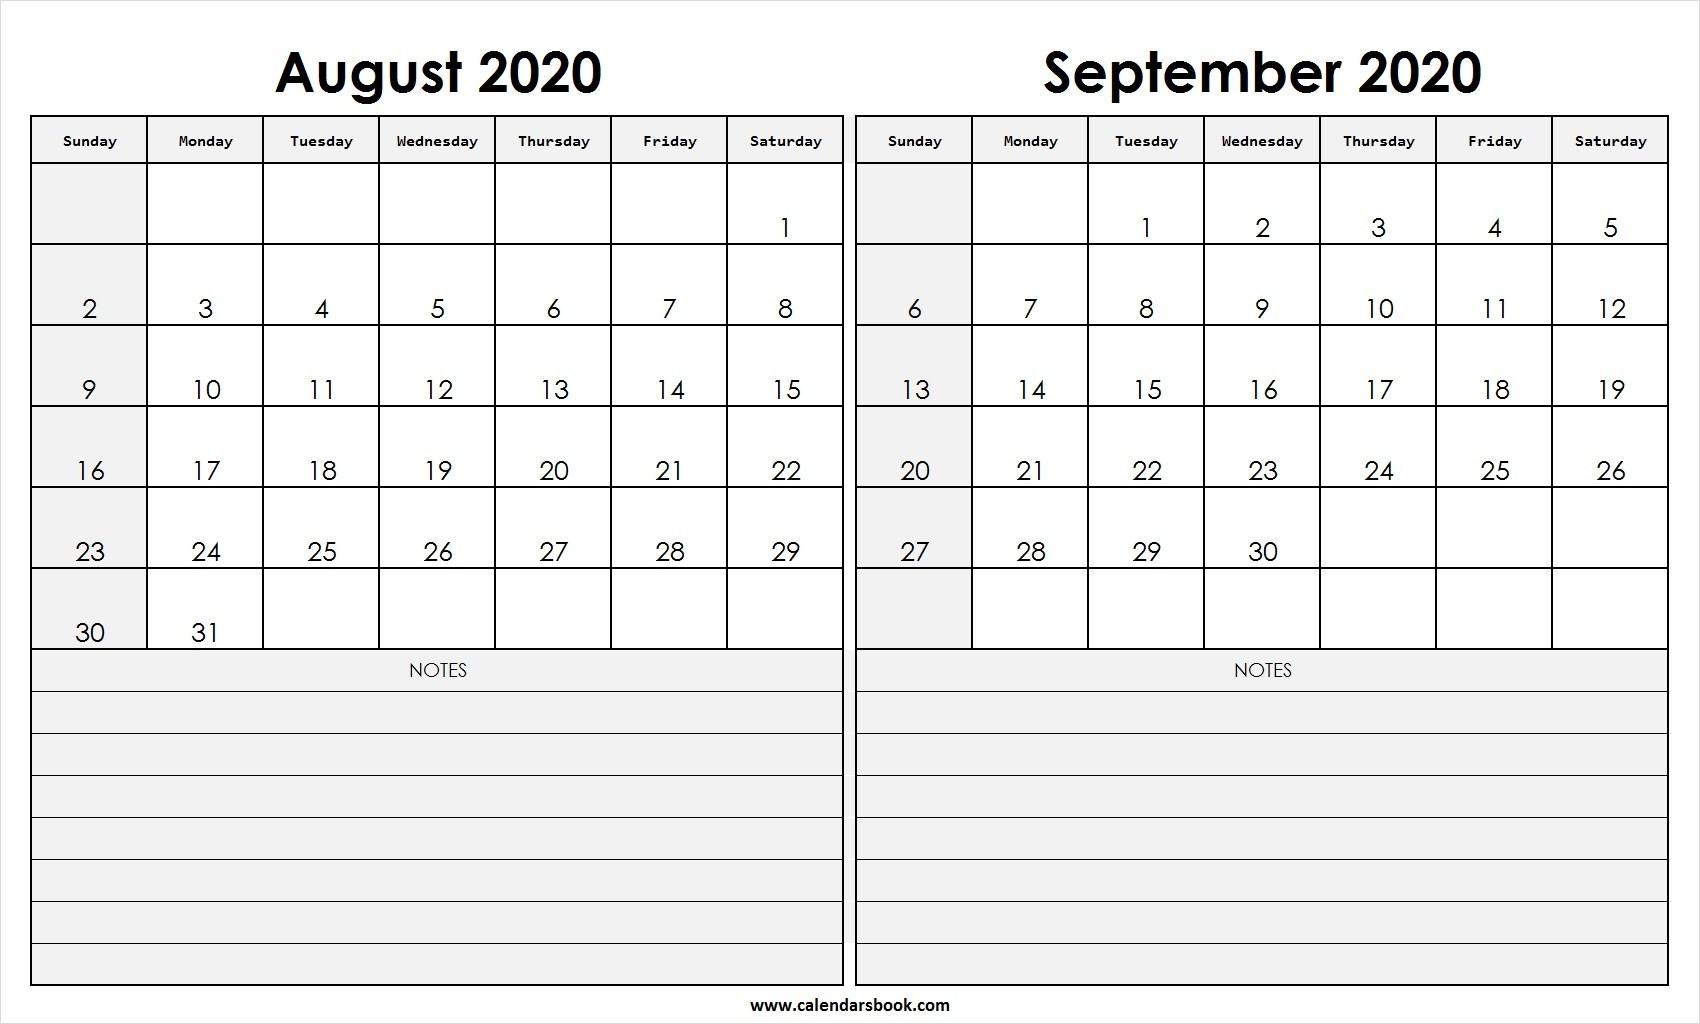 2 Months Calendar August September 2020 | Example Calendar in Calender August And September 2020